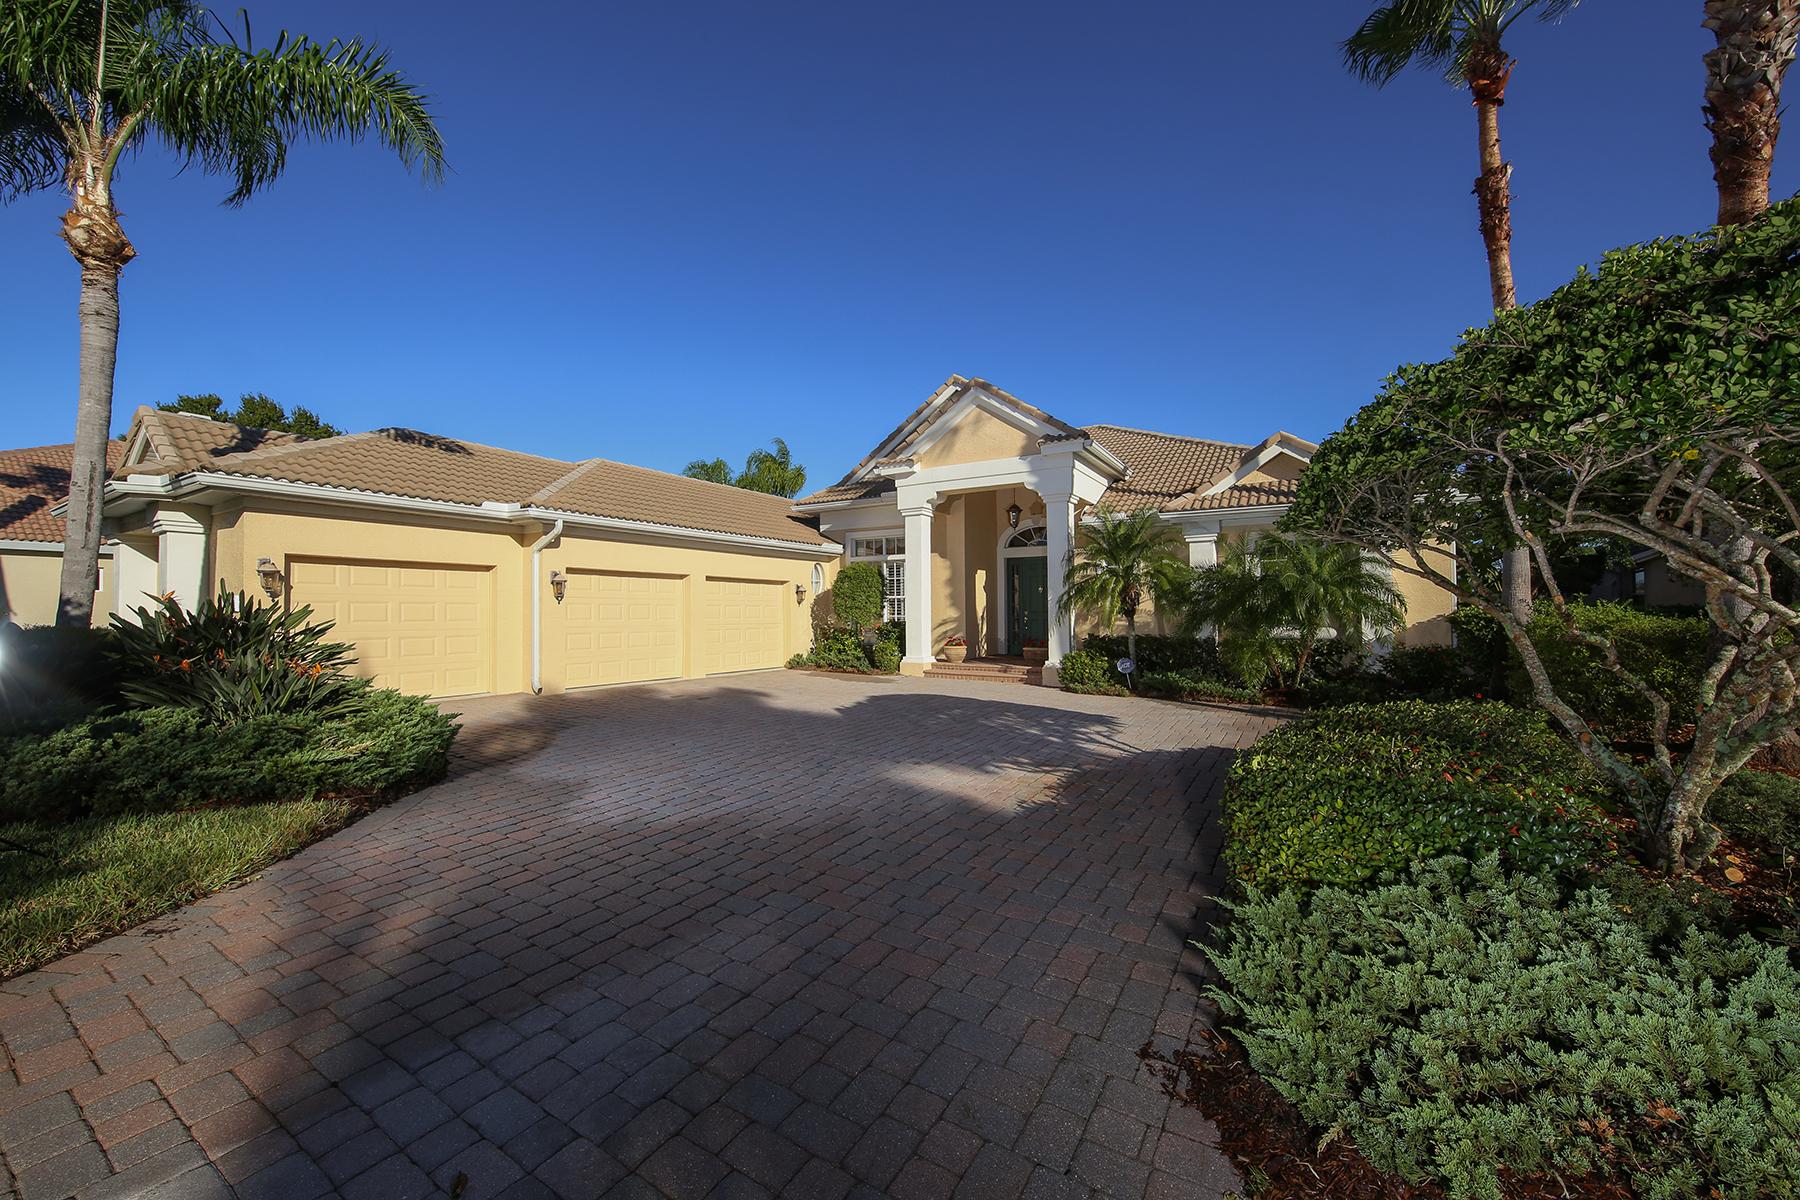 Nhà ở một gia đình vì Bán tại UNIVERSITY PARK 6905 Langley Pl University Park, Florida, 34201 Hoa Kỳ